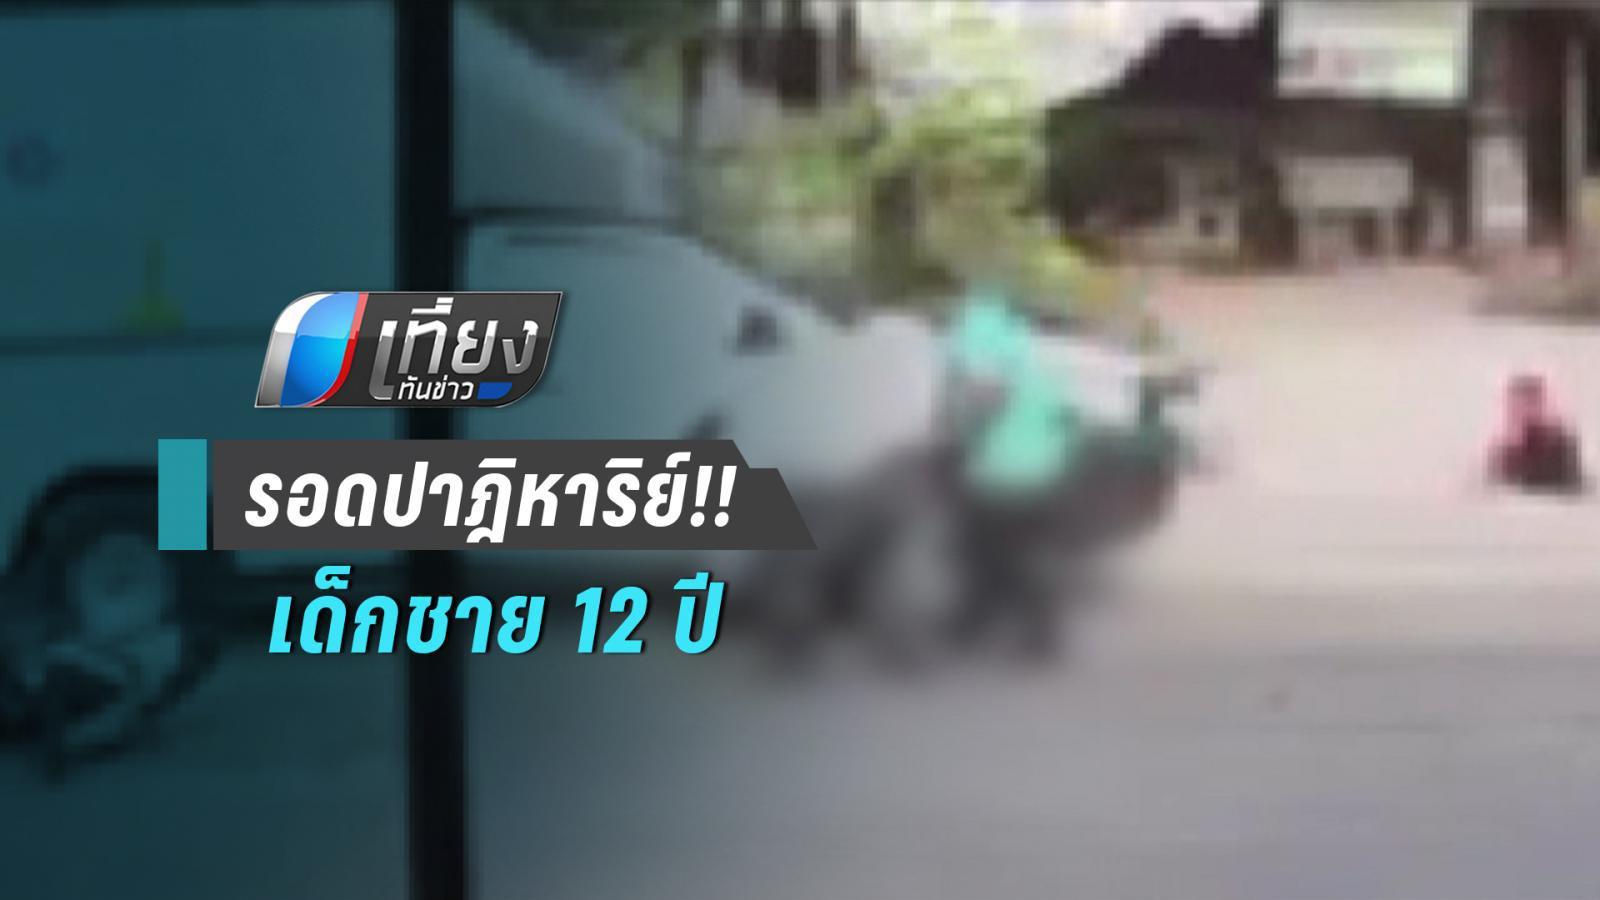 เดชะบุญ !! เด็กชาย 12 ปี ถูกกระบะชน-ทับร่าง รอดตาย